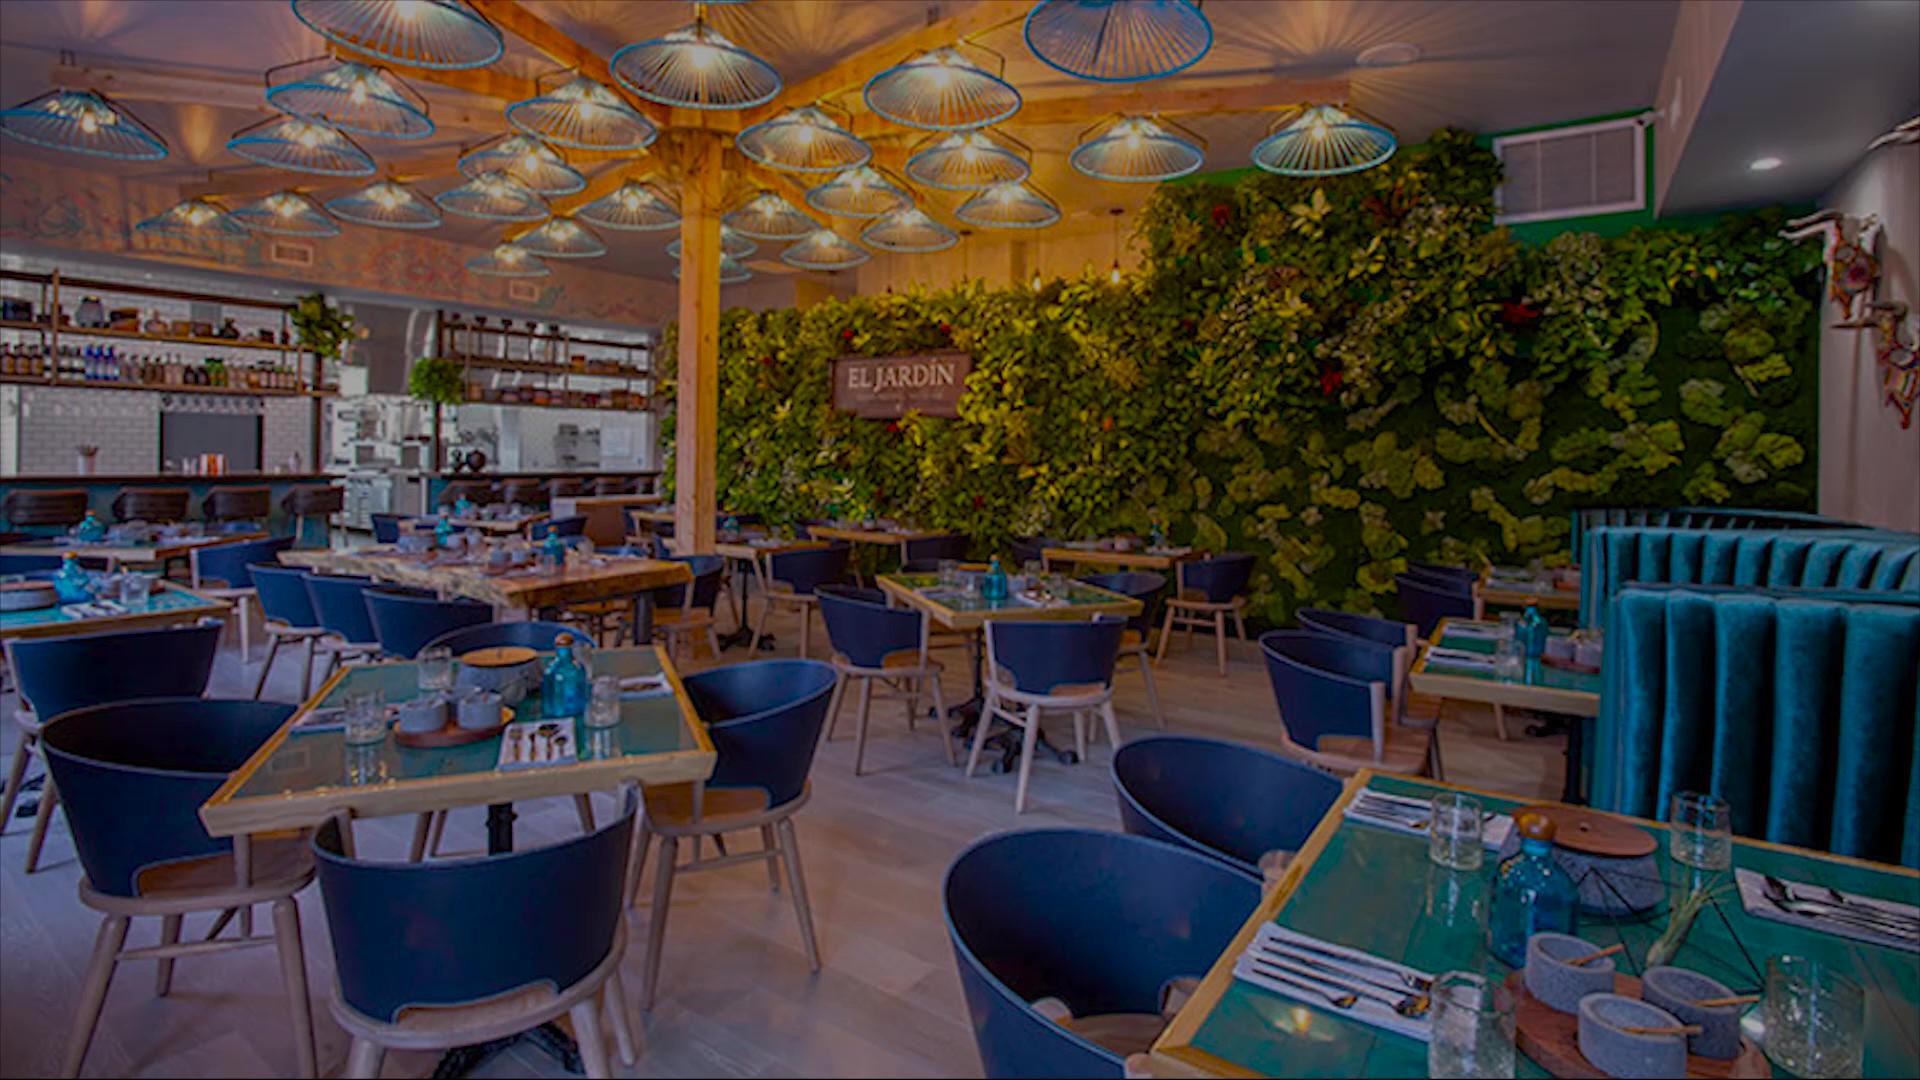 How indoor plants are taking over restaurants